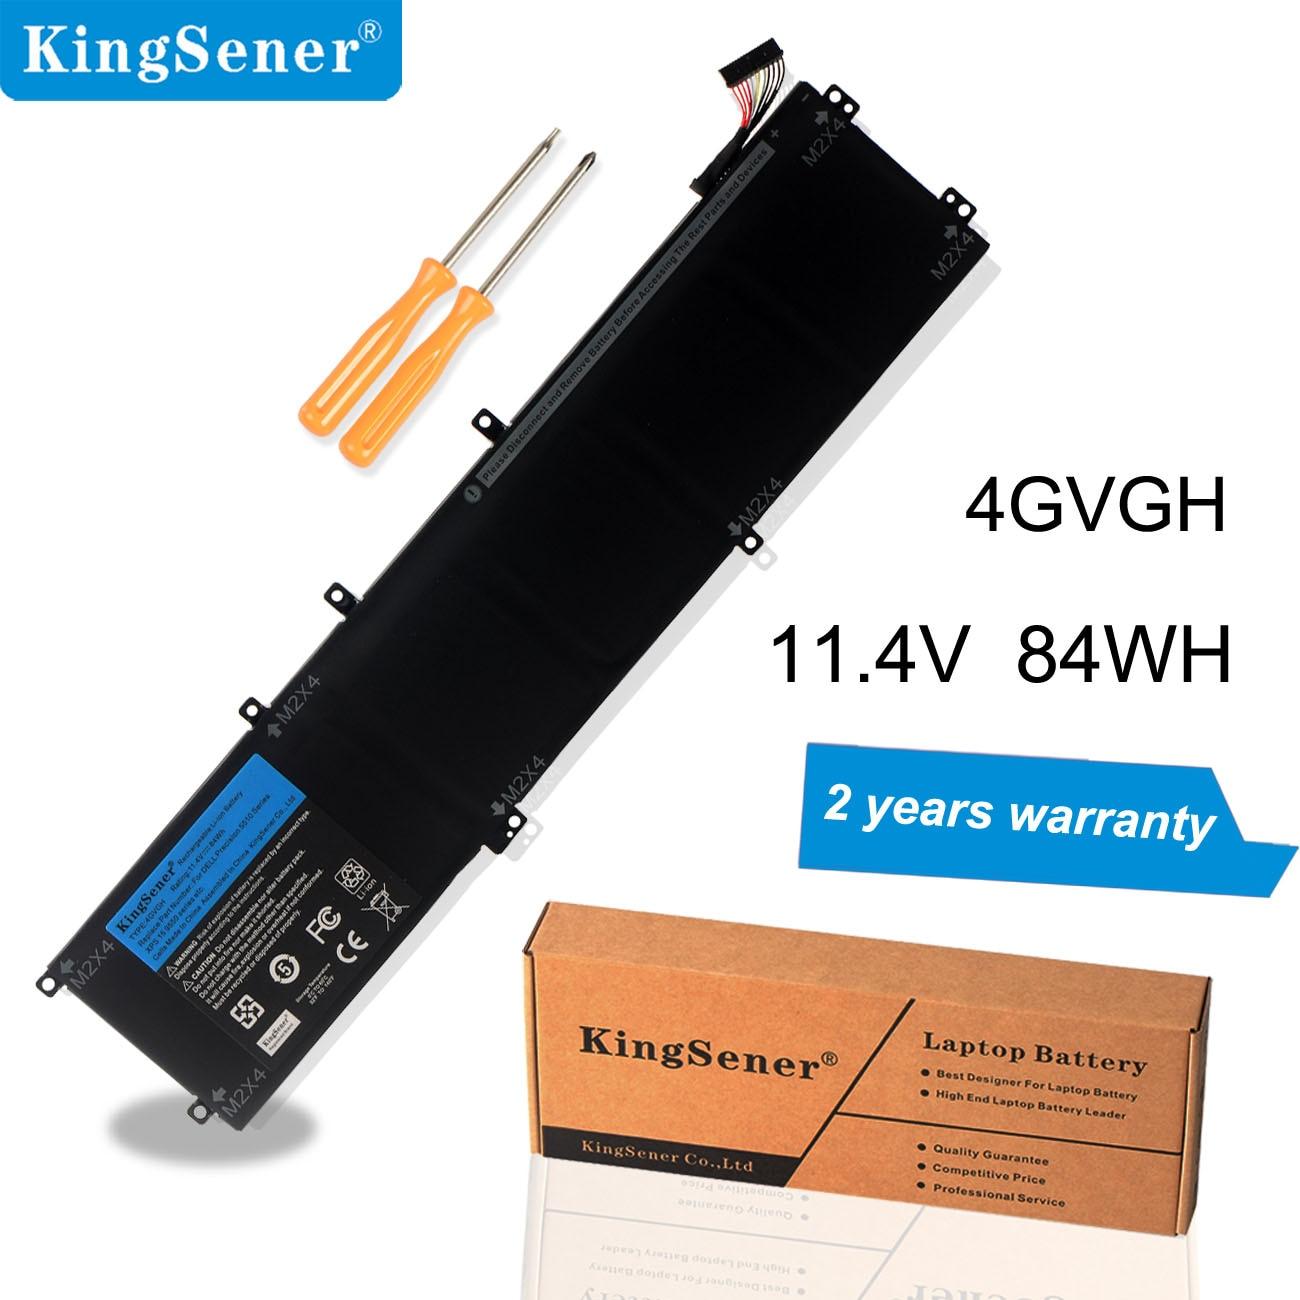 KingSener Nouveau 4GVGH batterie d'ordinateur portable pour DELL Precision 5510 XPS 15 9550 série 1P6KD T453X 11.4V 84WH